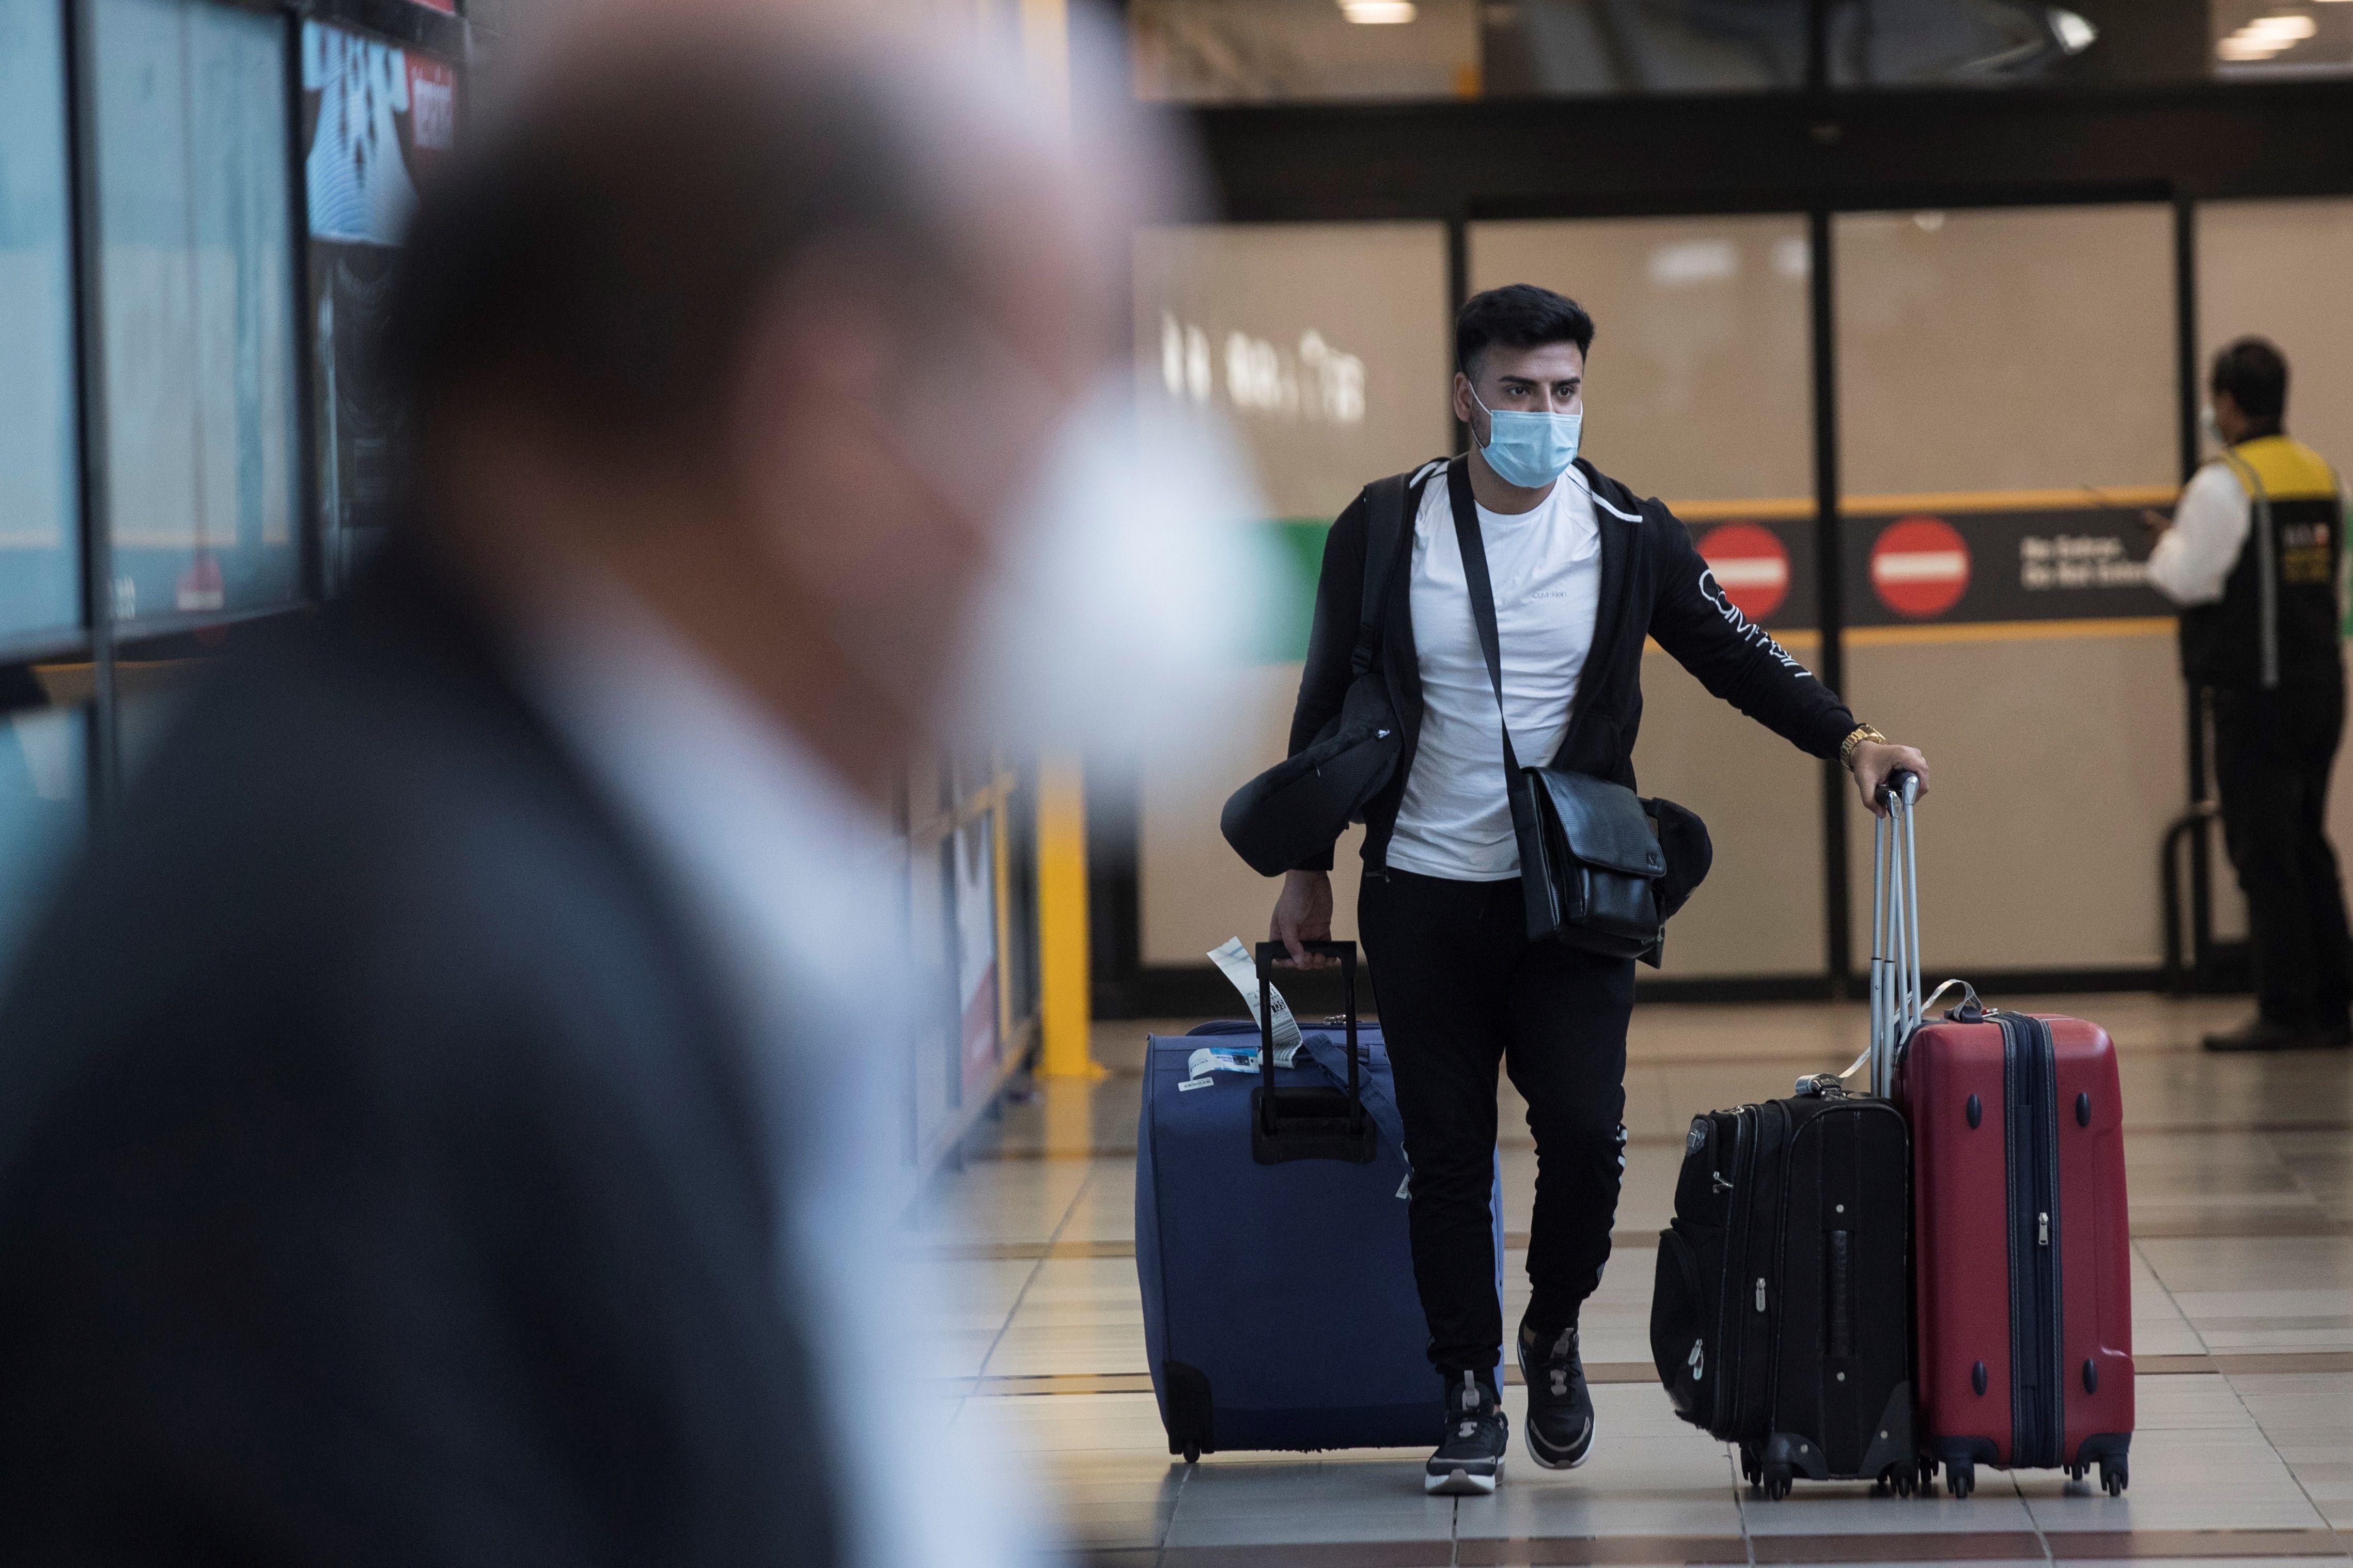 Viajeros con mascarillas llegan al aeropuerto Arturo Merino Benítez de Santiago, Chile.